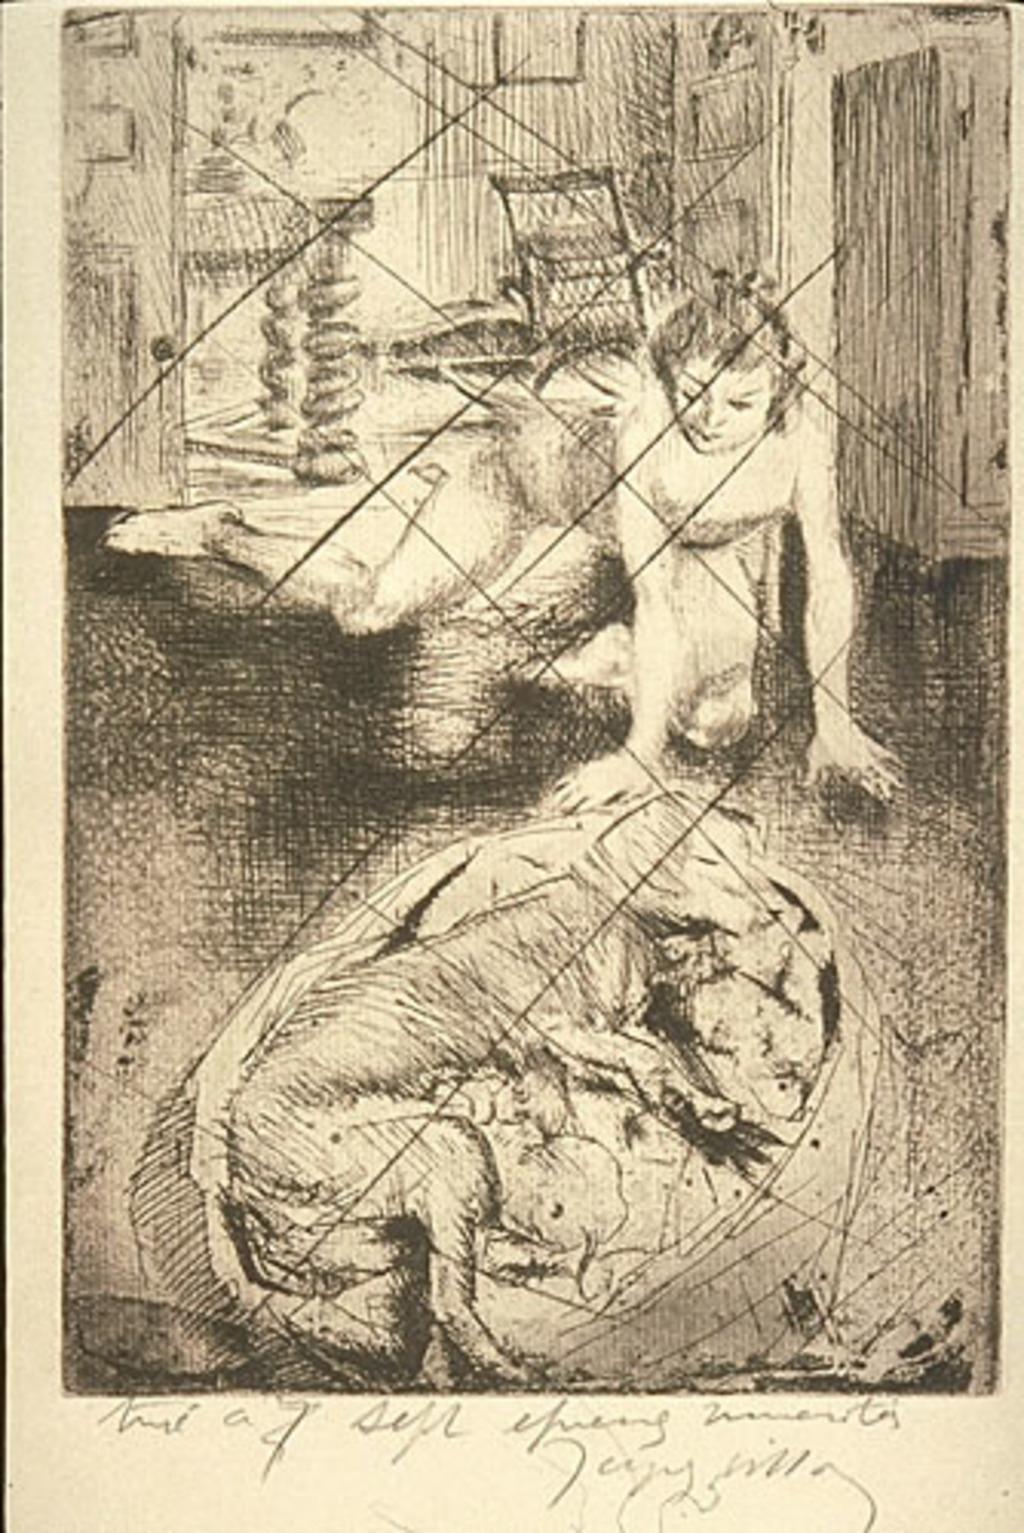 Minne jouant avec un chien dans un panier